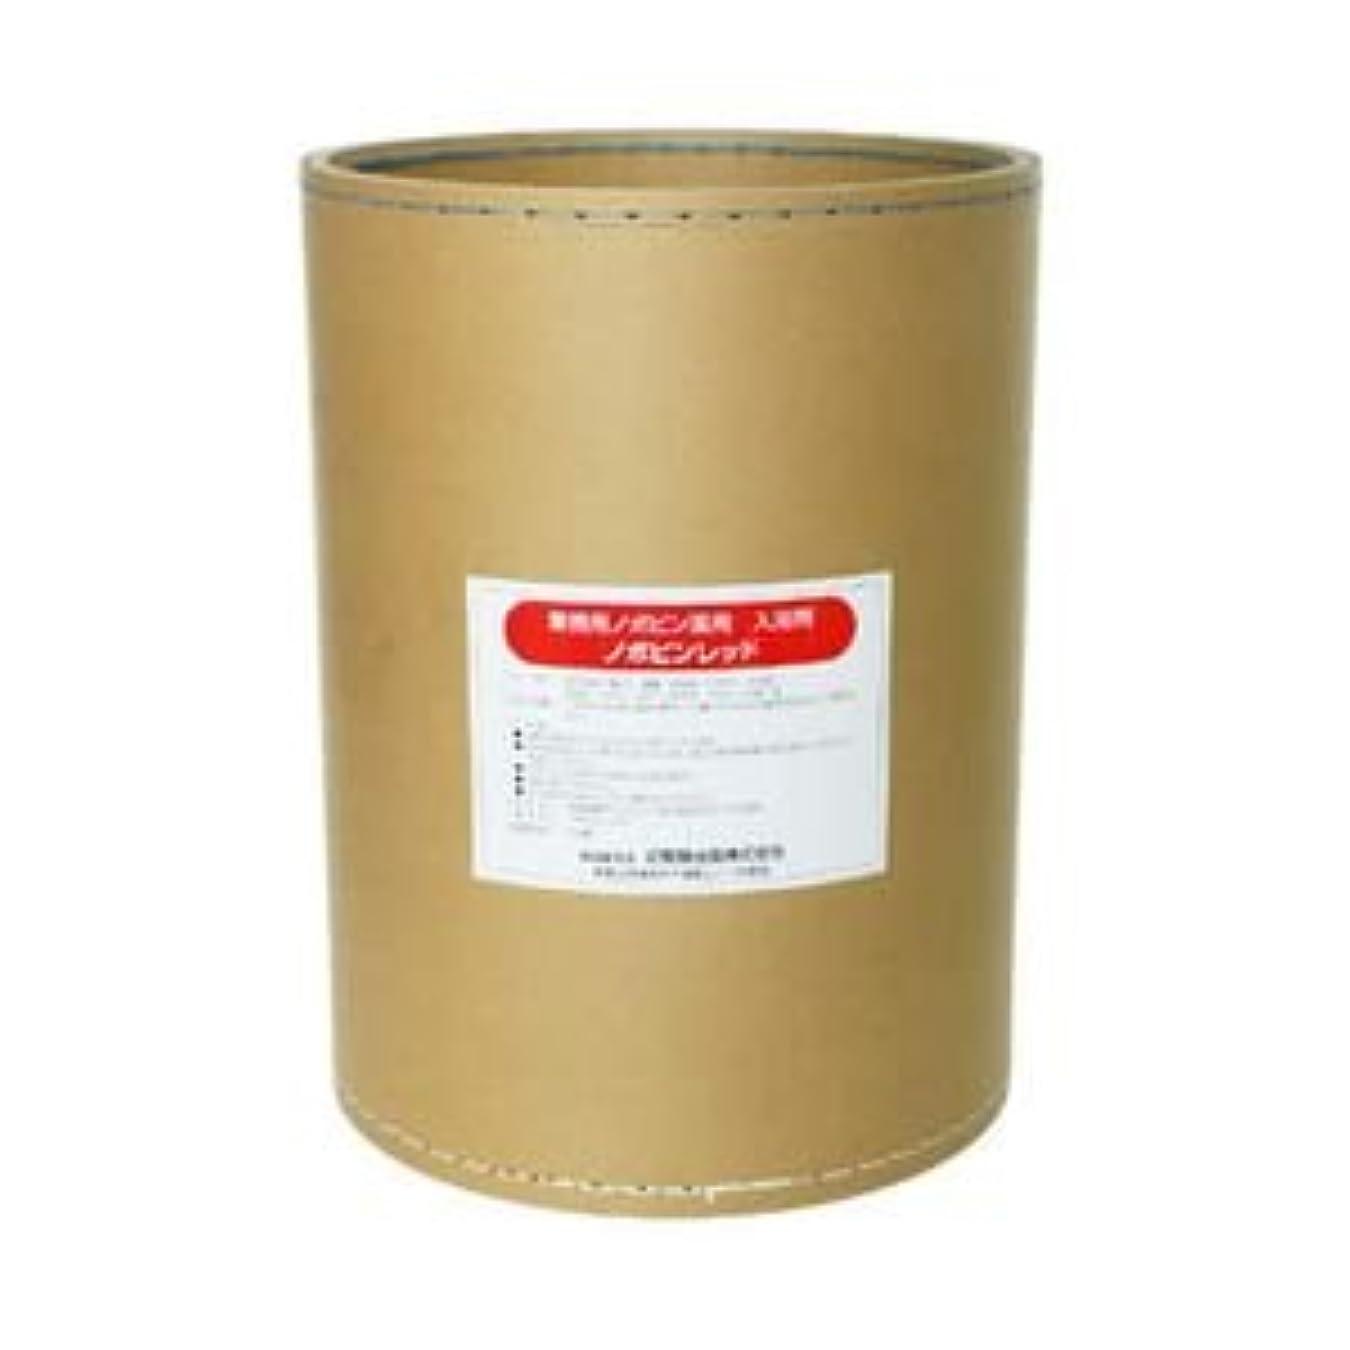 二グローブ一掃する業務用入浴剤 ノボピン レッド 18kg